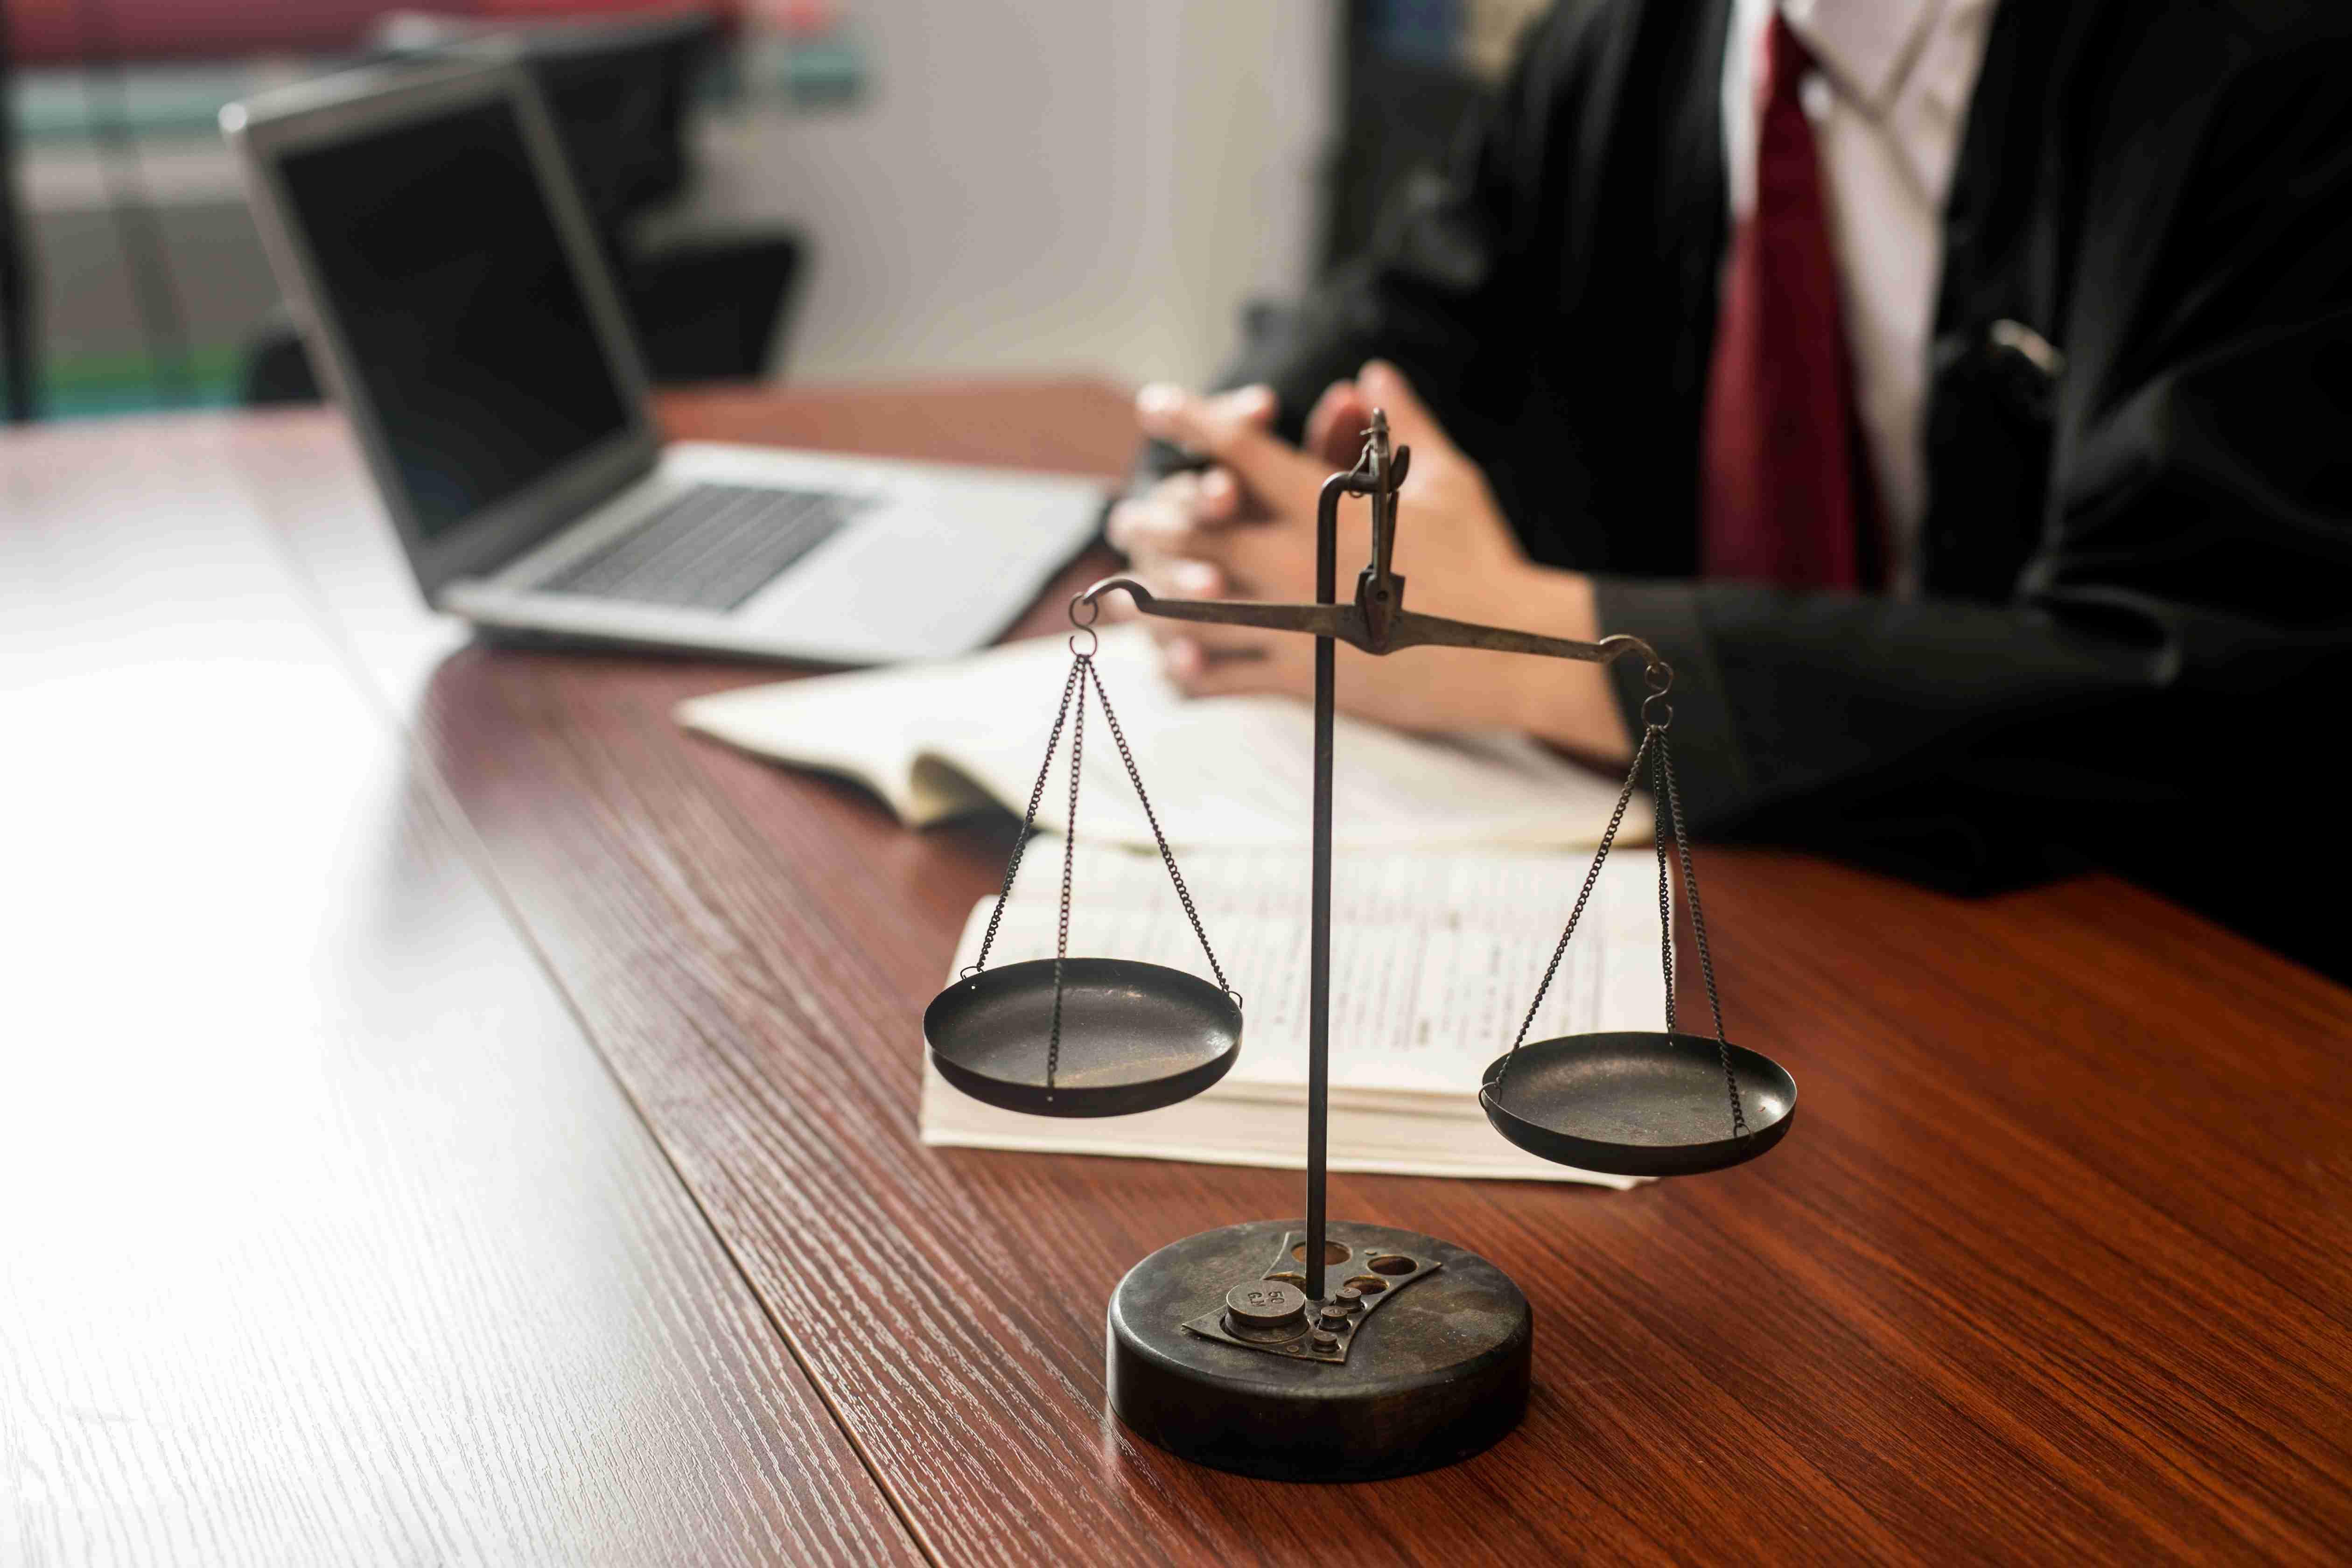 关于专利侵权赔偿标准及维权途径等问题